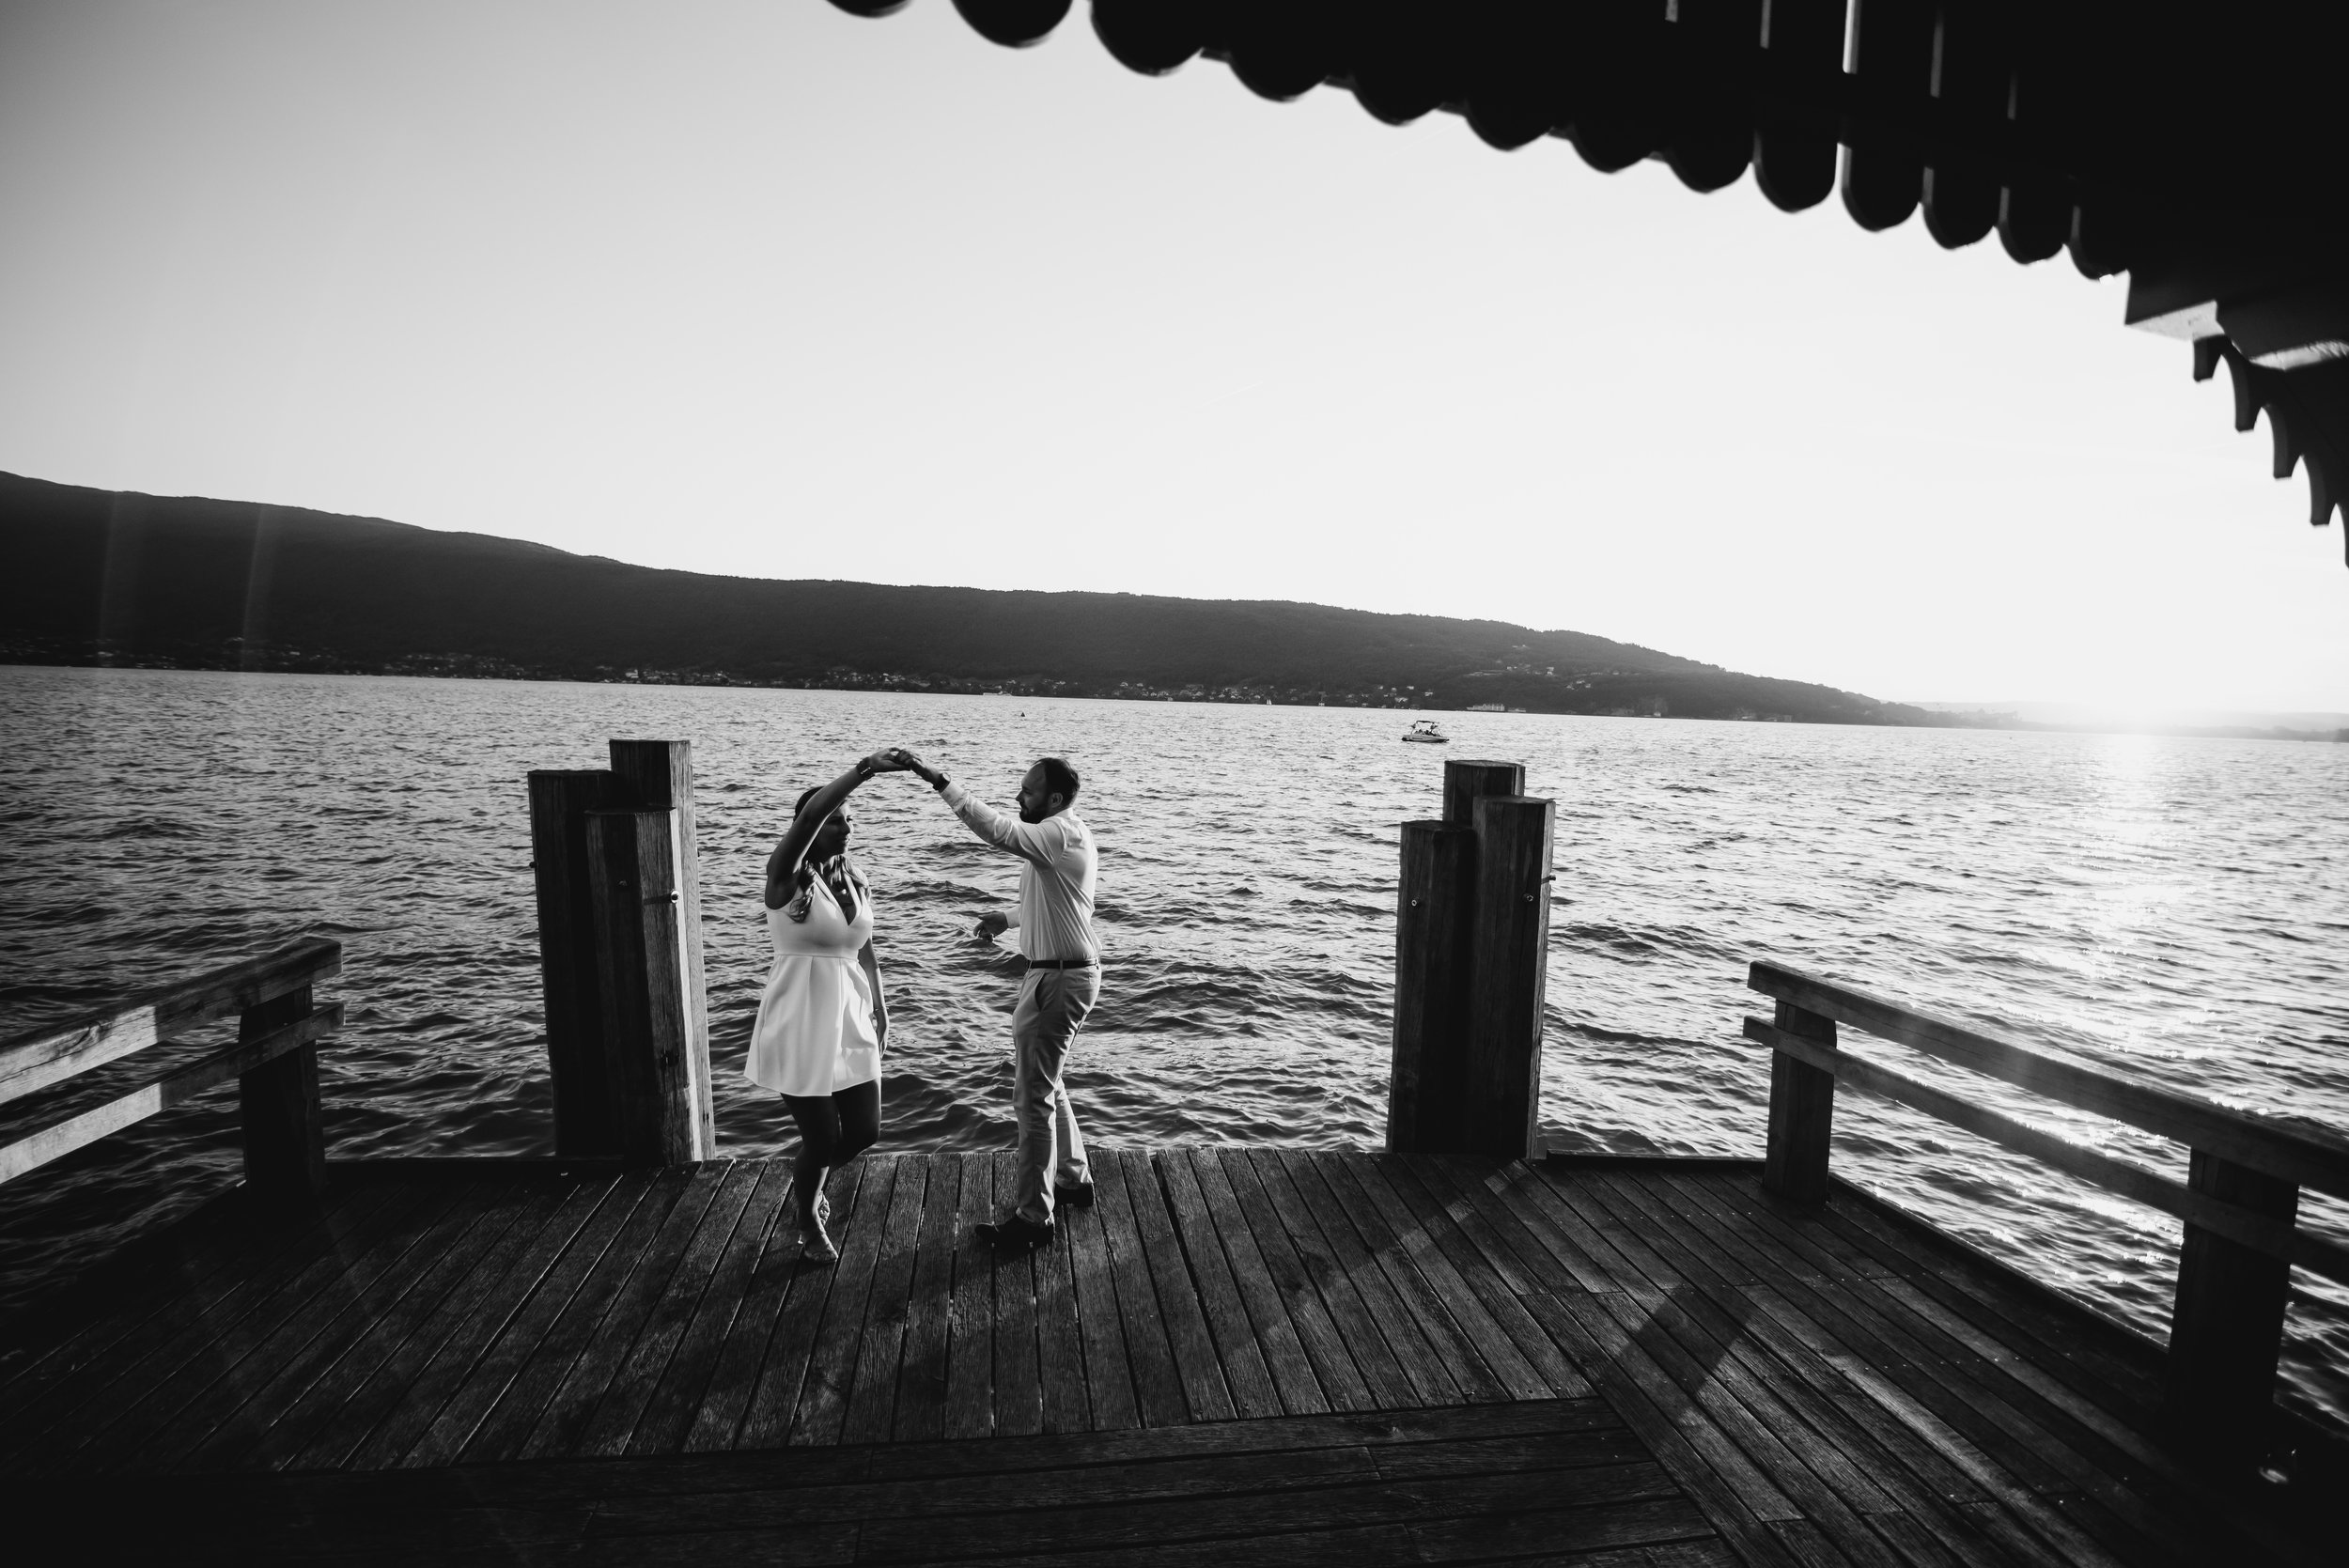 Léa-Fery-photographe-professionnel-lyon-rhone-alpes-portrait-creation-mariage-evenement-evenementiel-famille-9976.jpg